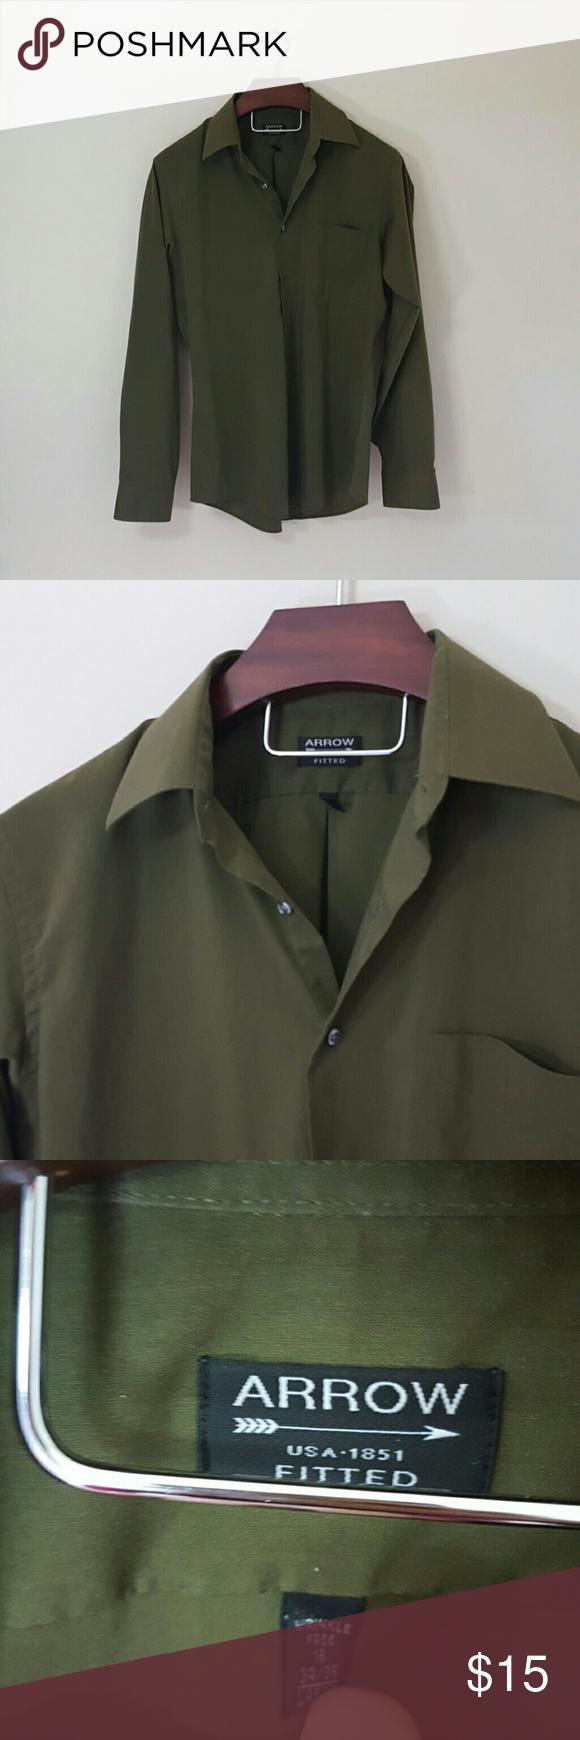 Arrow Mens Dress Shirt Size Chart